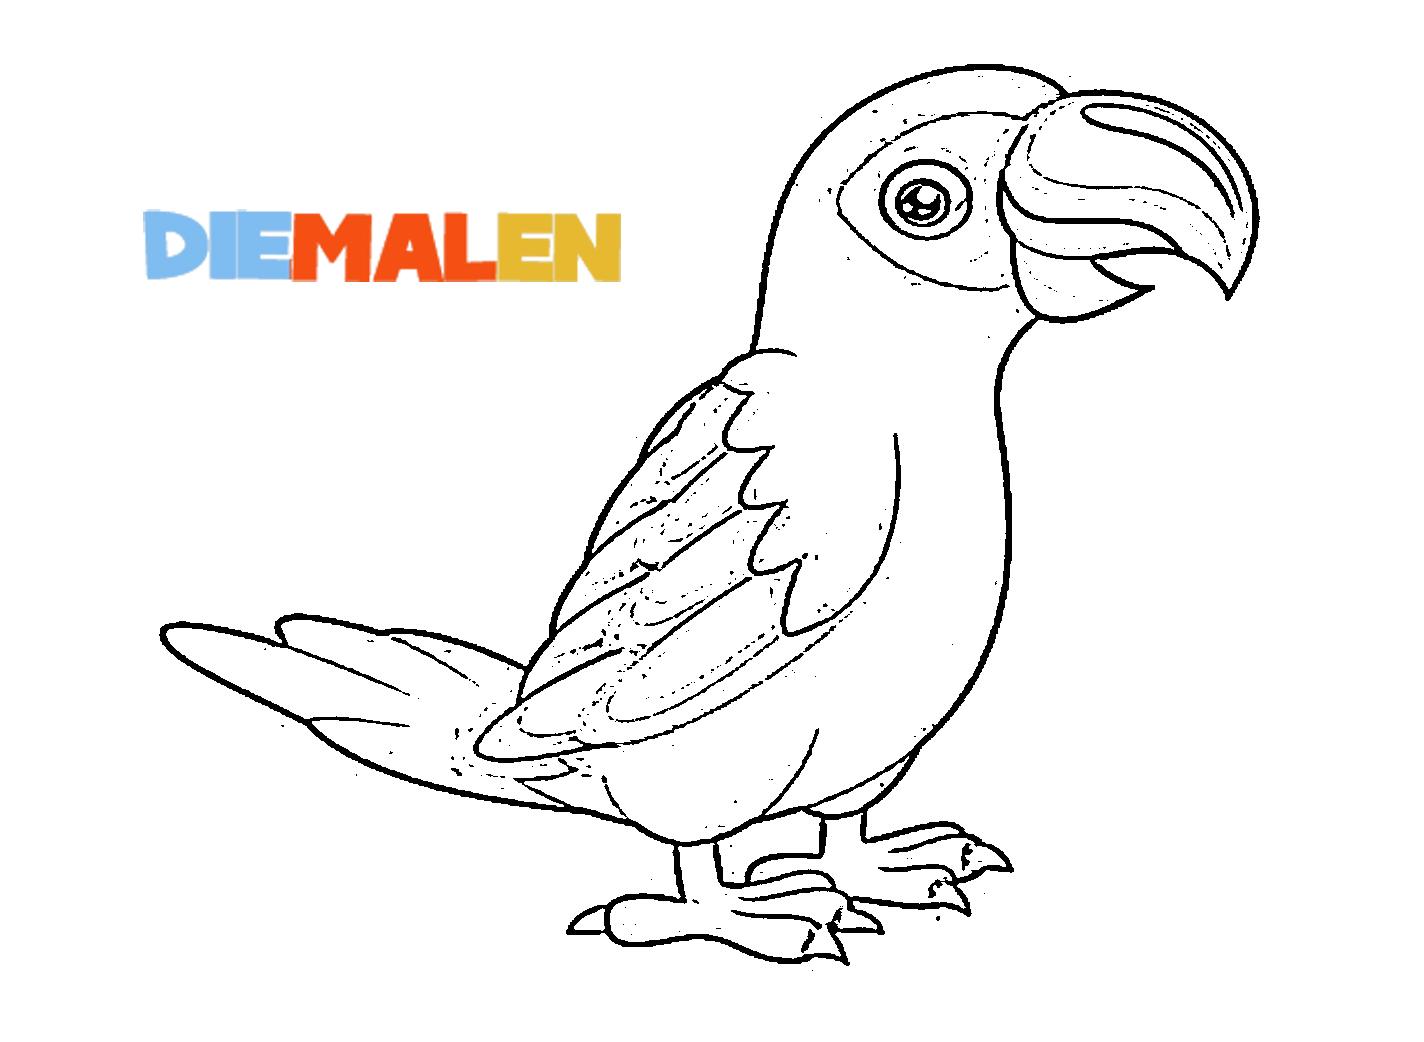 Ausmalbilder Papagei → DieMalen.com